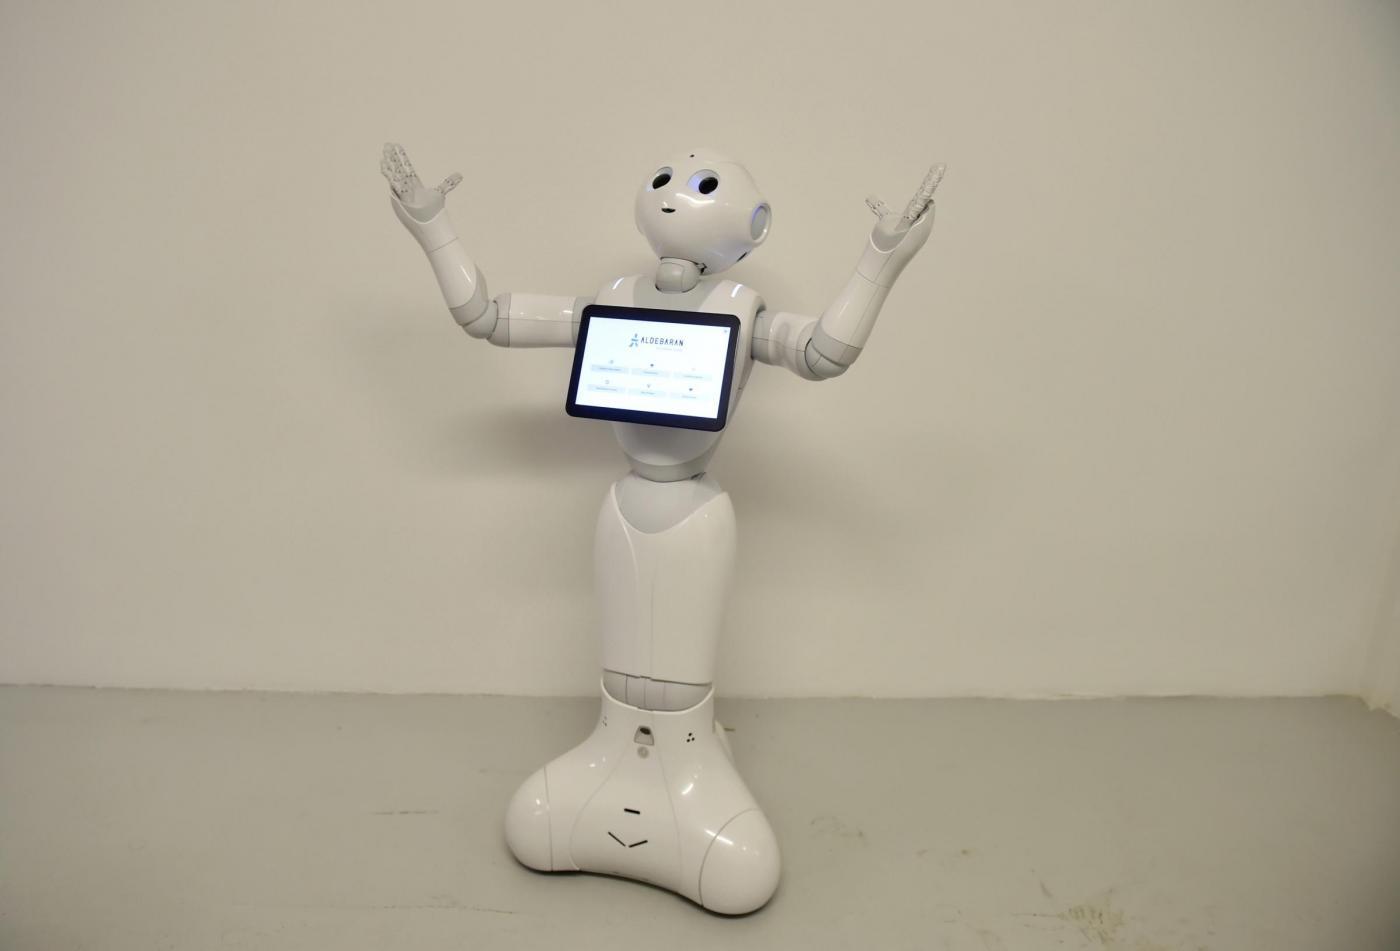 Giochi Di Pulizie Domestiche tecnologia: arriva il nuovo robot in grado di svolgere le